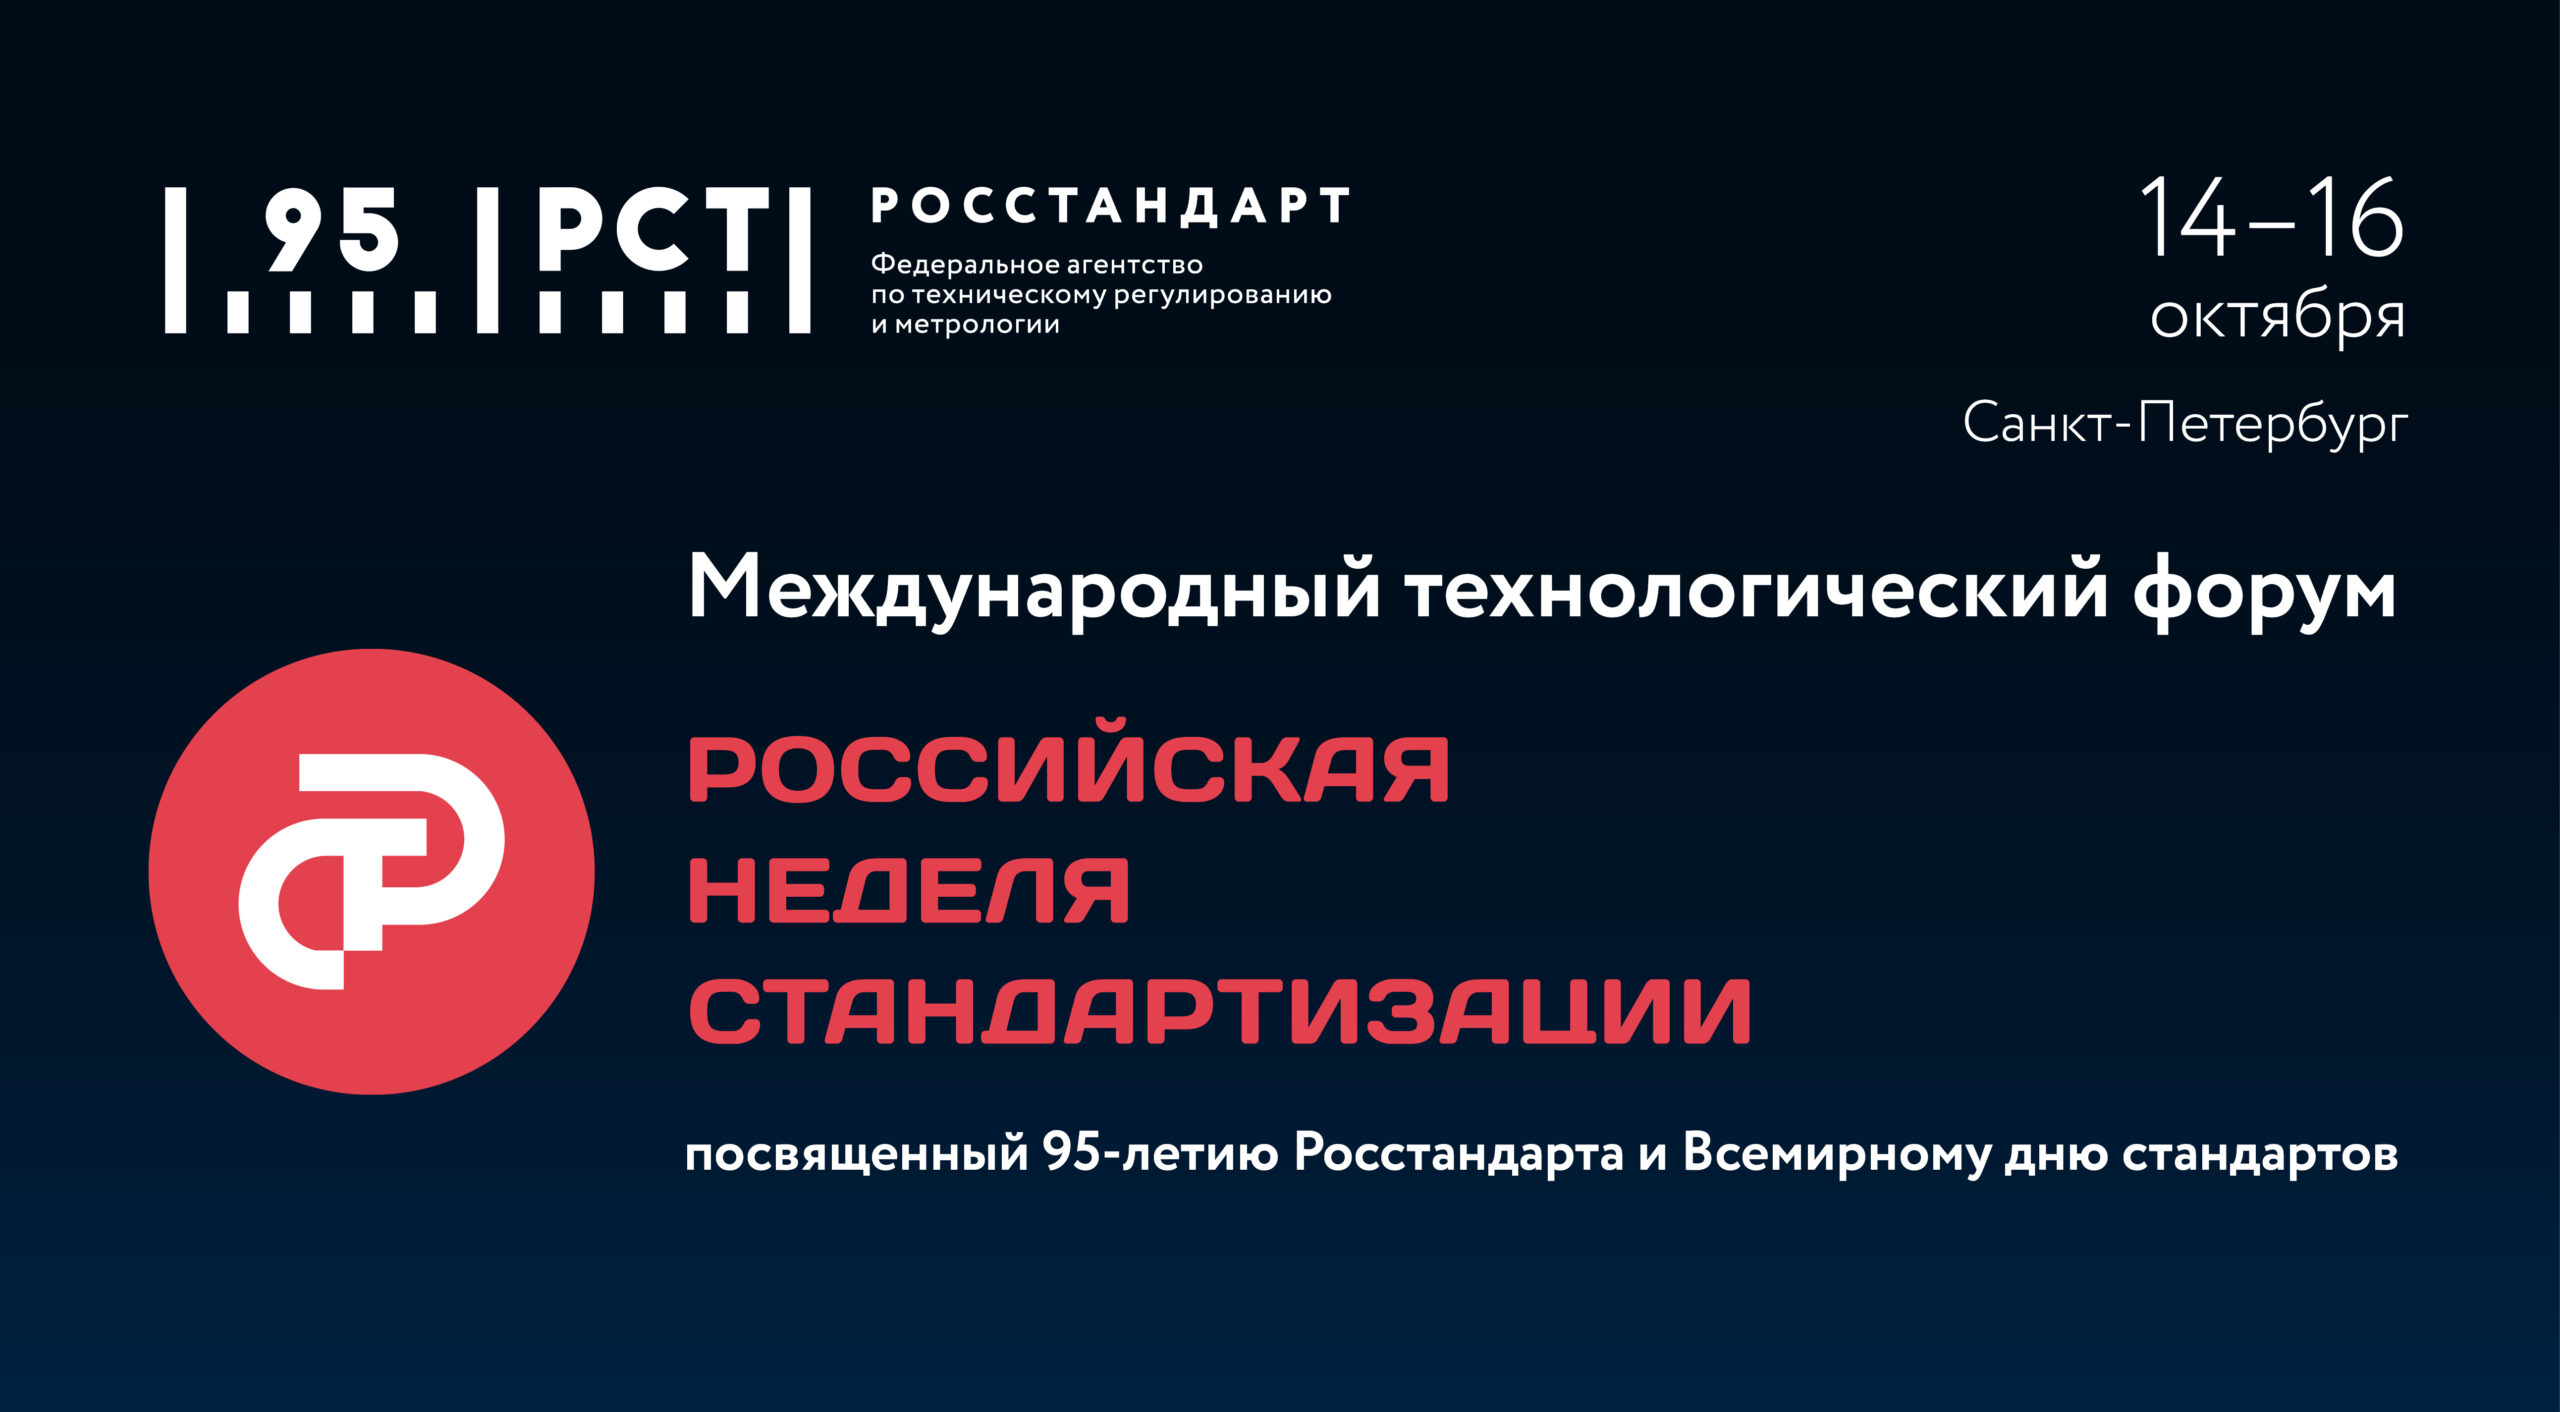 Приглашаем на Международный технологический форум «Российская неделя стандартизации»